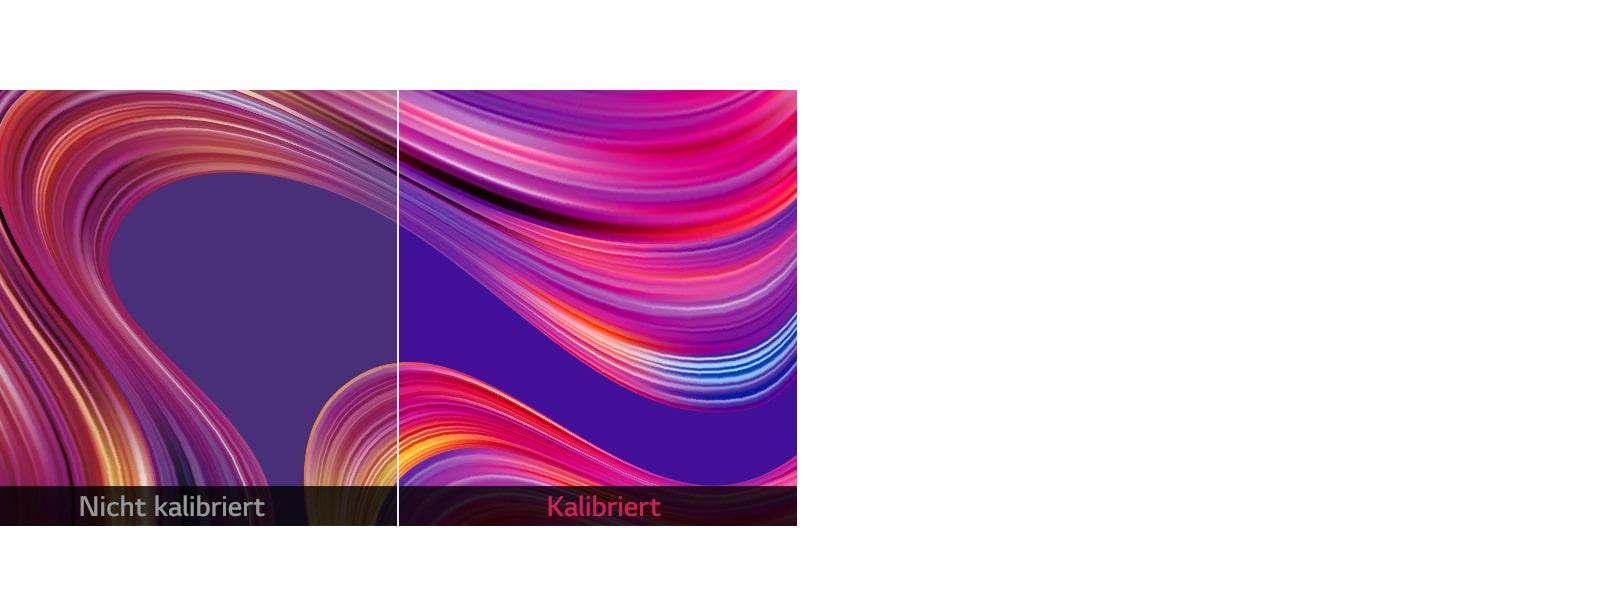 Bild mit präziser Farbwiedergabe auf dem Bildschirm, wobei die ursprünglich beabsichtigte Farbe auf der kalibrierten Anzeige im Vergleich zur nicht kalibrierten Anzeige erhalten bleibt